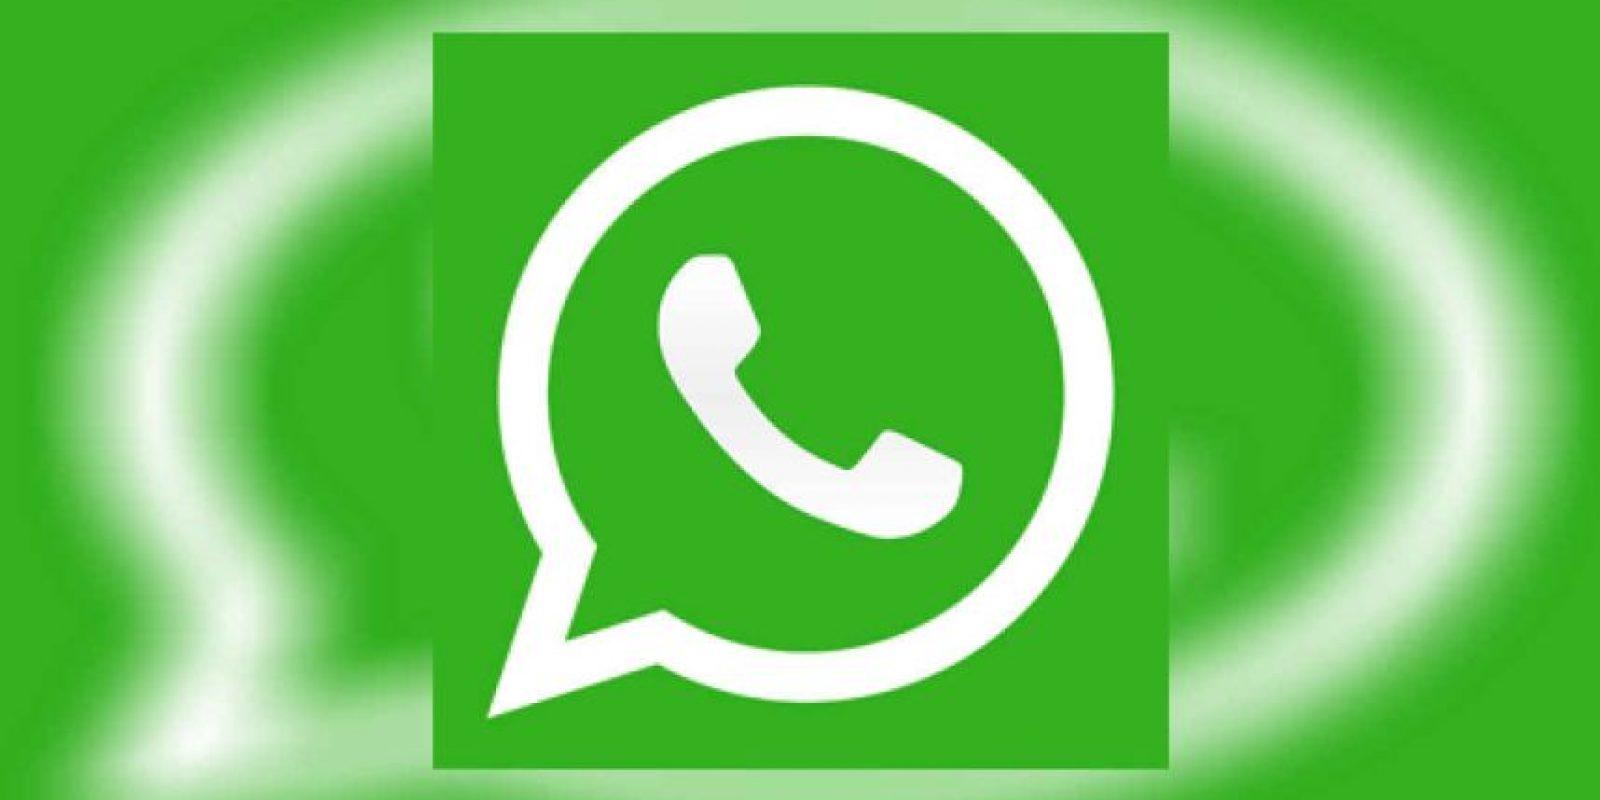 WhatsApp se ha encontrado lanzando actualizaciones durante la primera mitad del año. Foto:WhatsApp. Imagen Por: